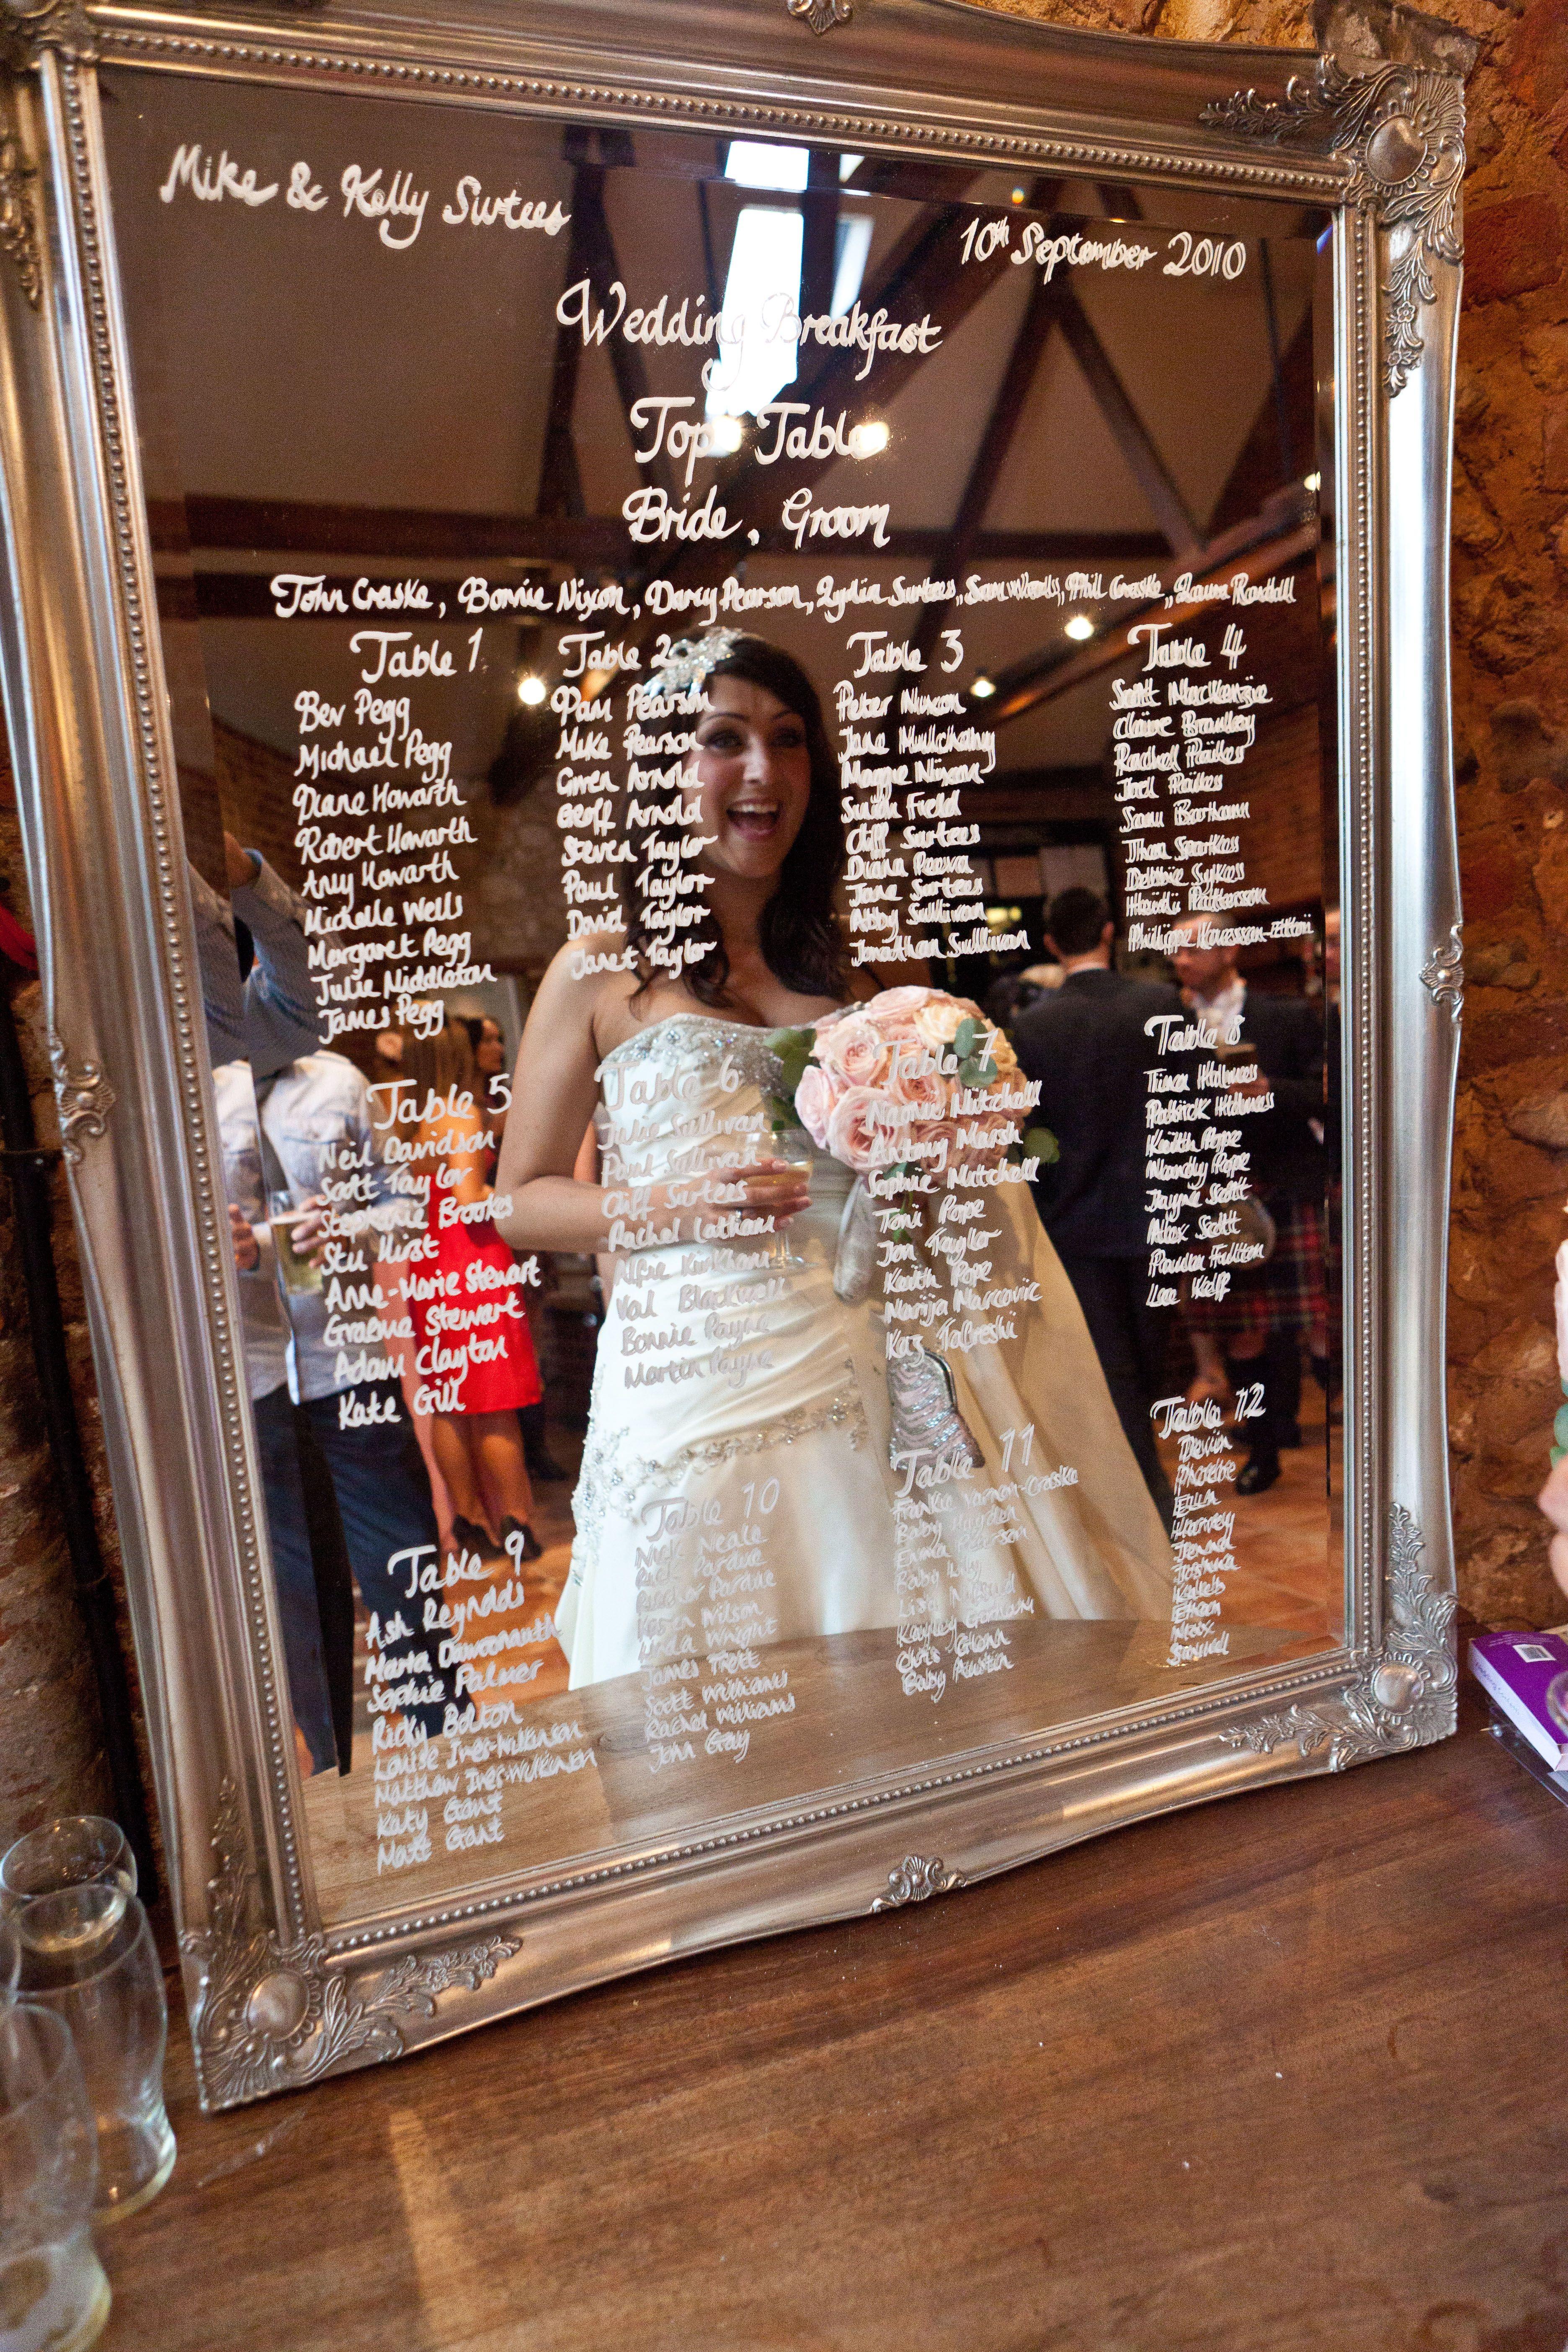 Pin by Karin Patience on Wedding Seating plan wedding